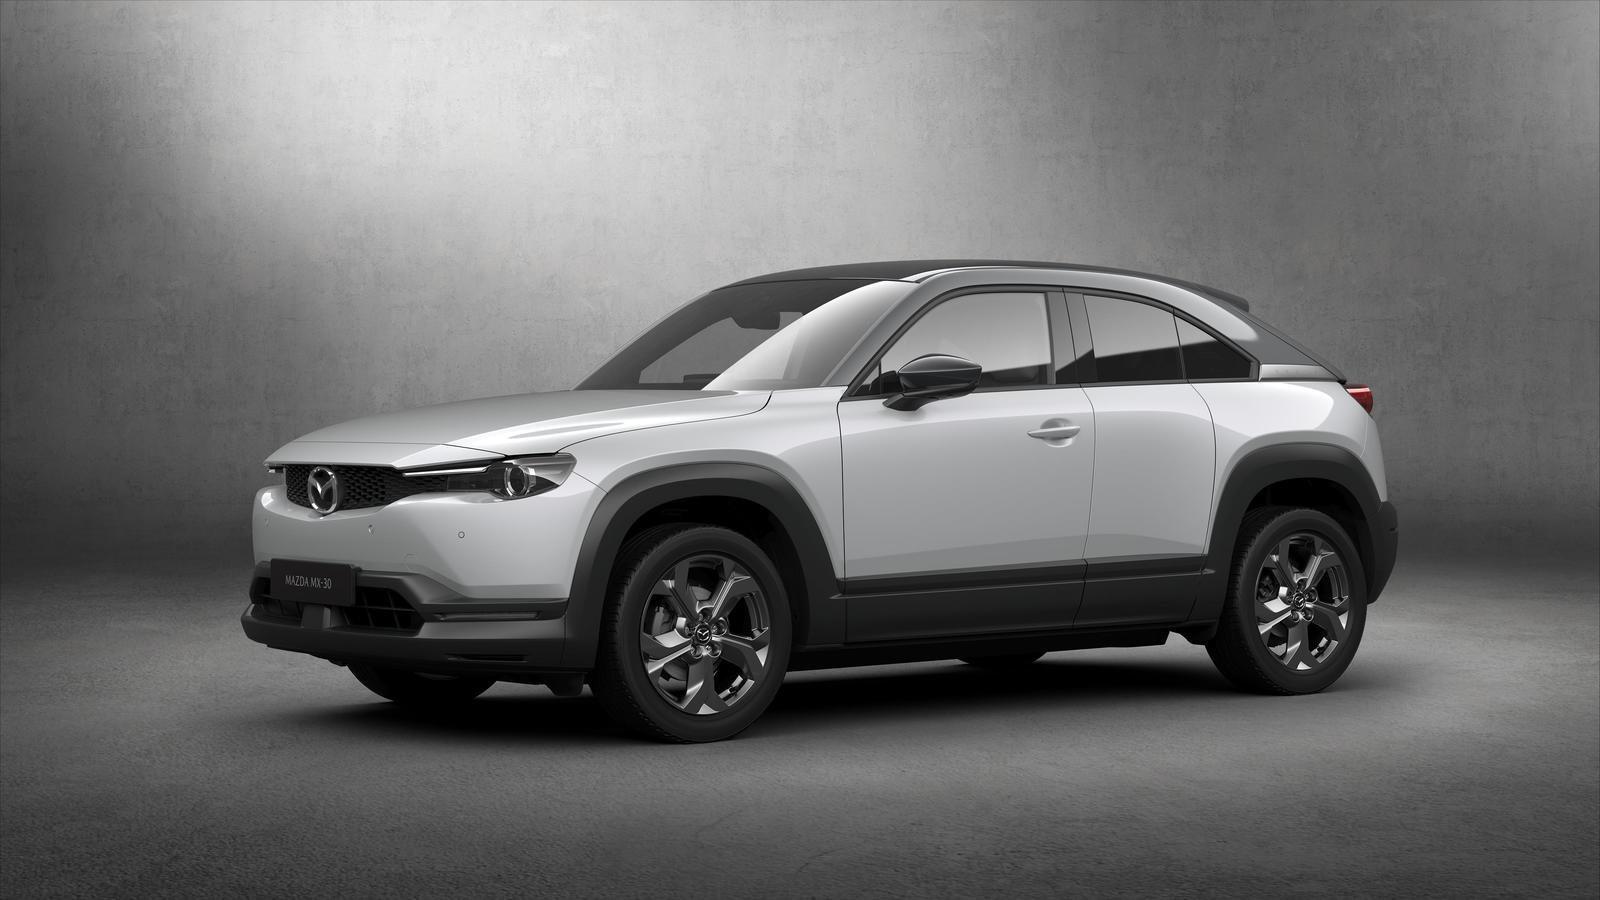 Đánh giá xe Mazda MX-30 2021 về thân xe: góc 3/4 thân xe